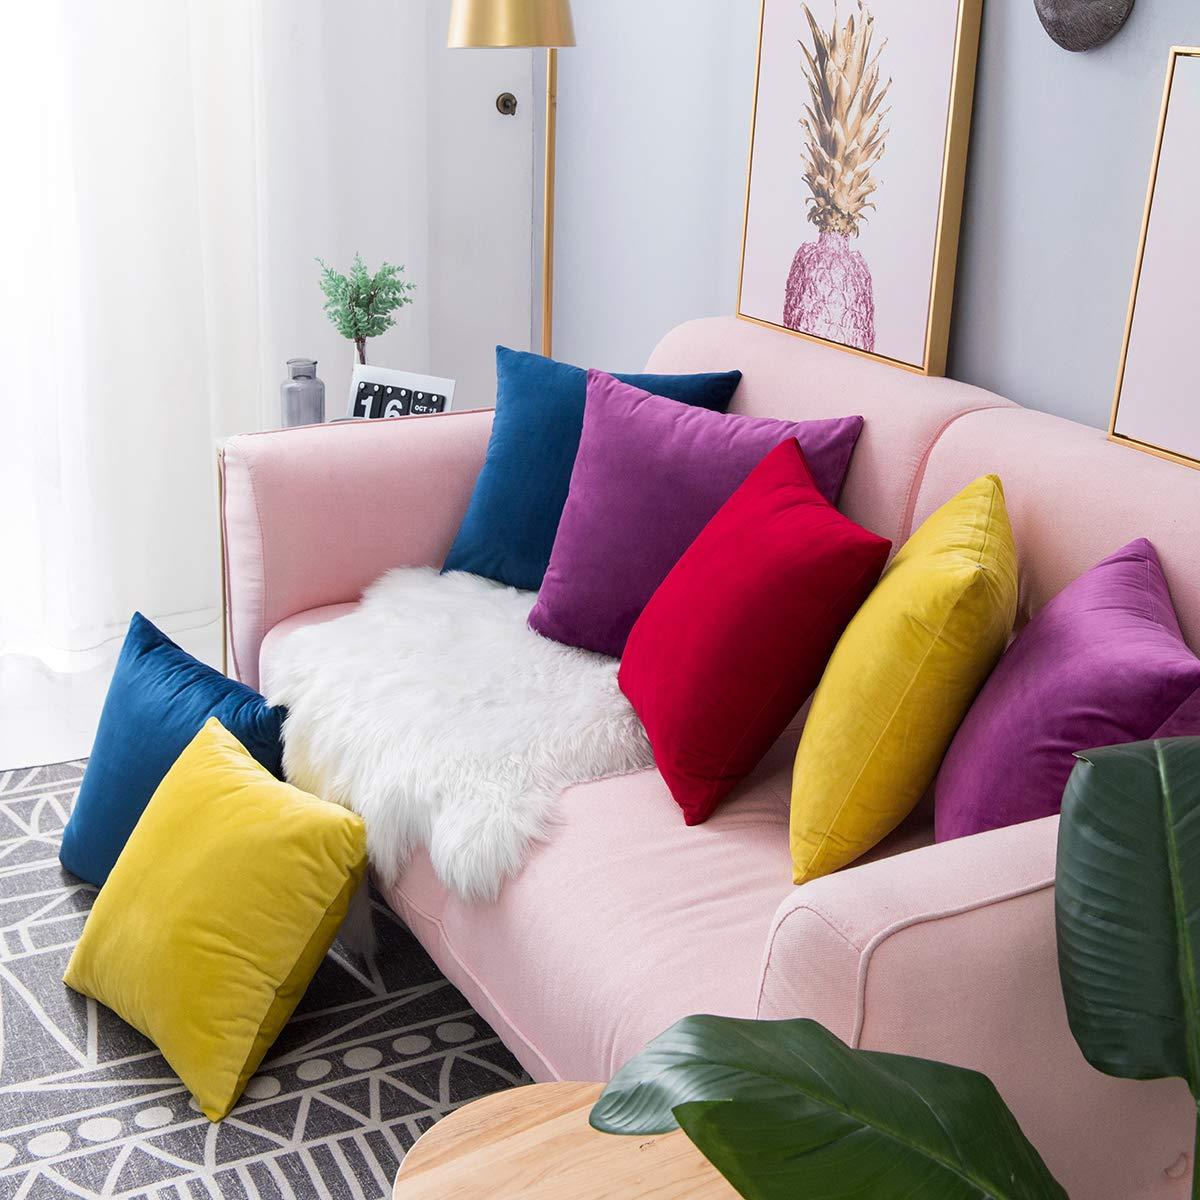 2020 luxus Weiche Samt Kissen Abdeckung Für Wohnzimmer Sofa Kissen Set Einfarbig Kissenbezug Kissen Abdeckung Kissen Abdeckung 40x40cm